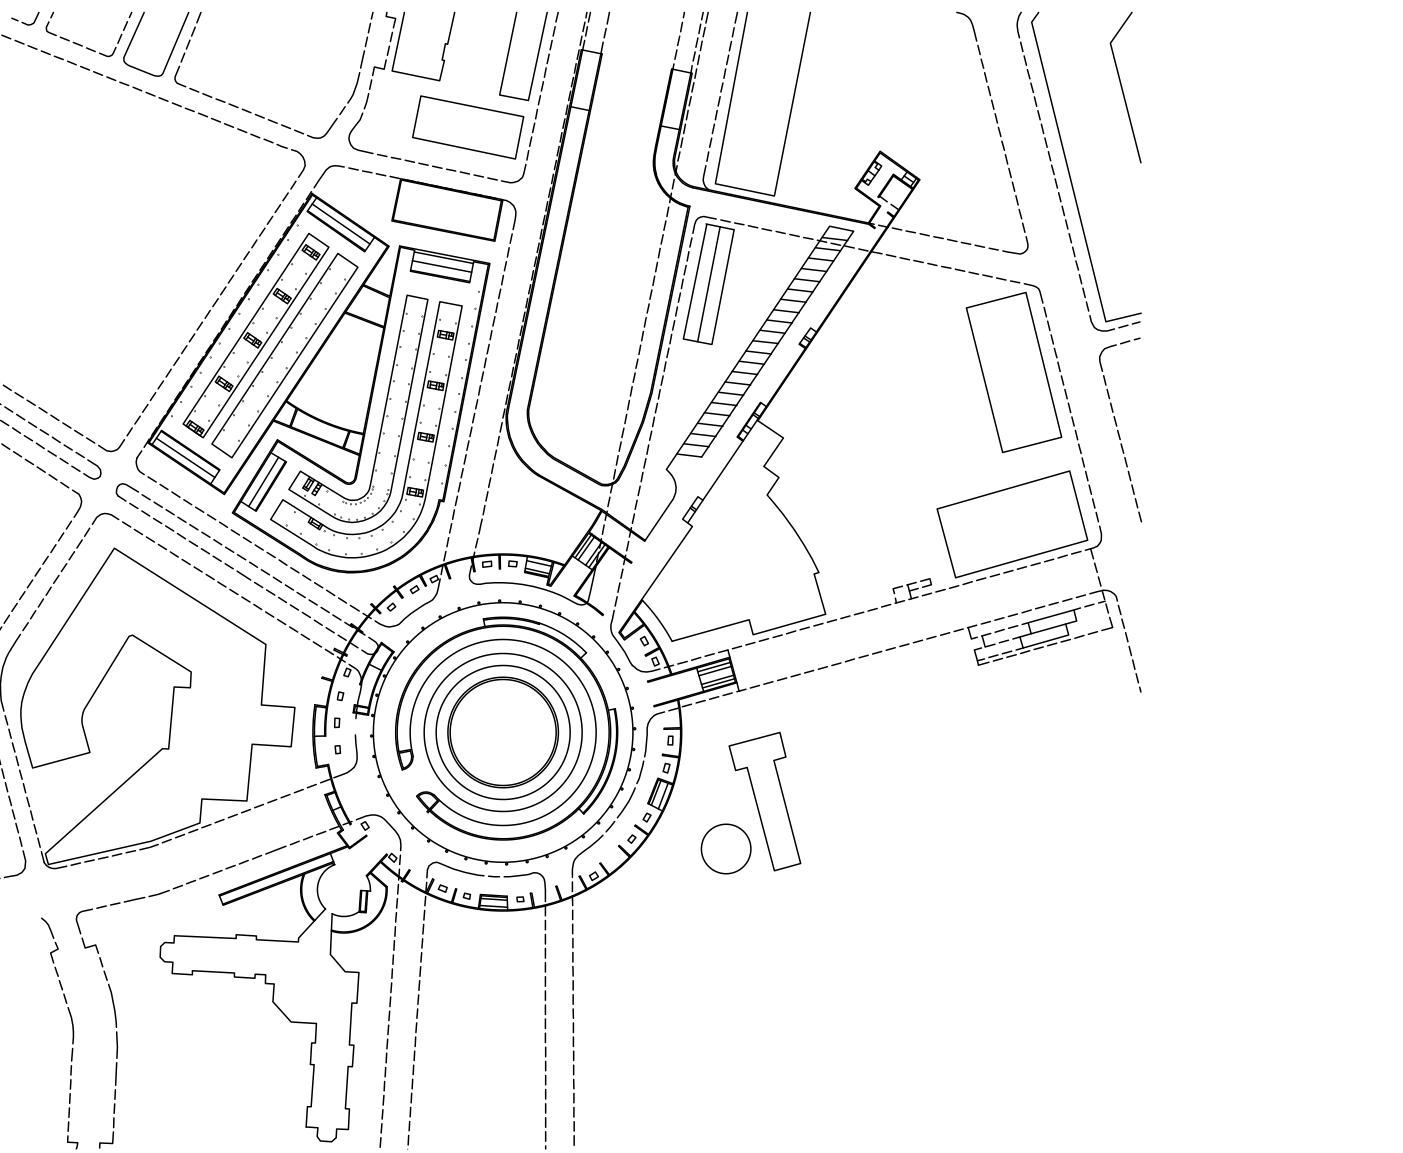 Concurso de ideas para la Plaza de Castilla   Imagen de proyecto4